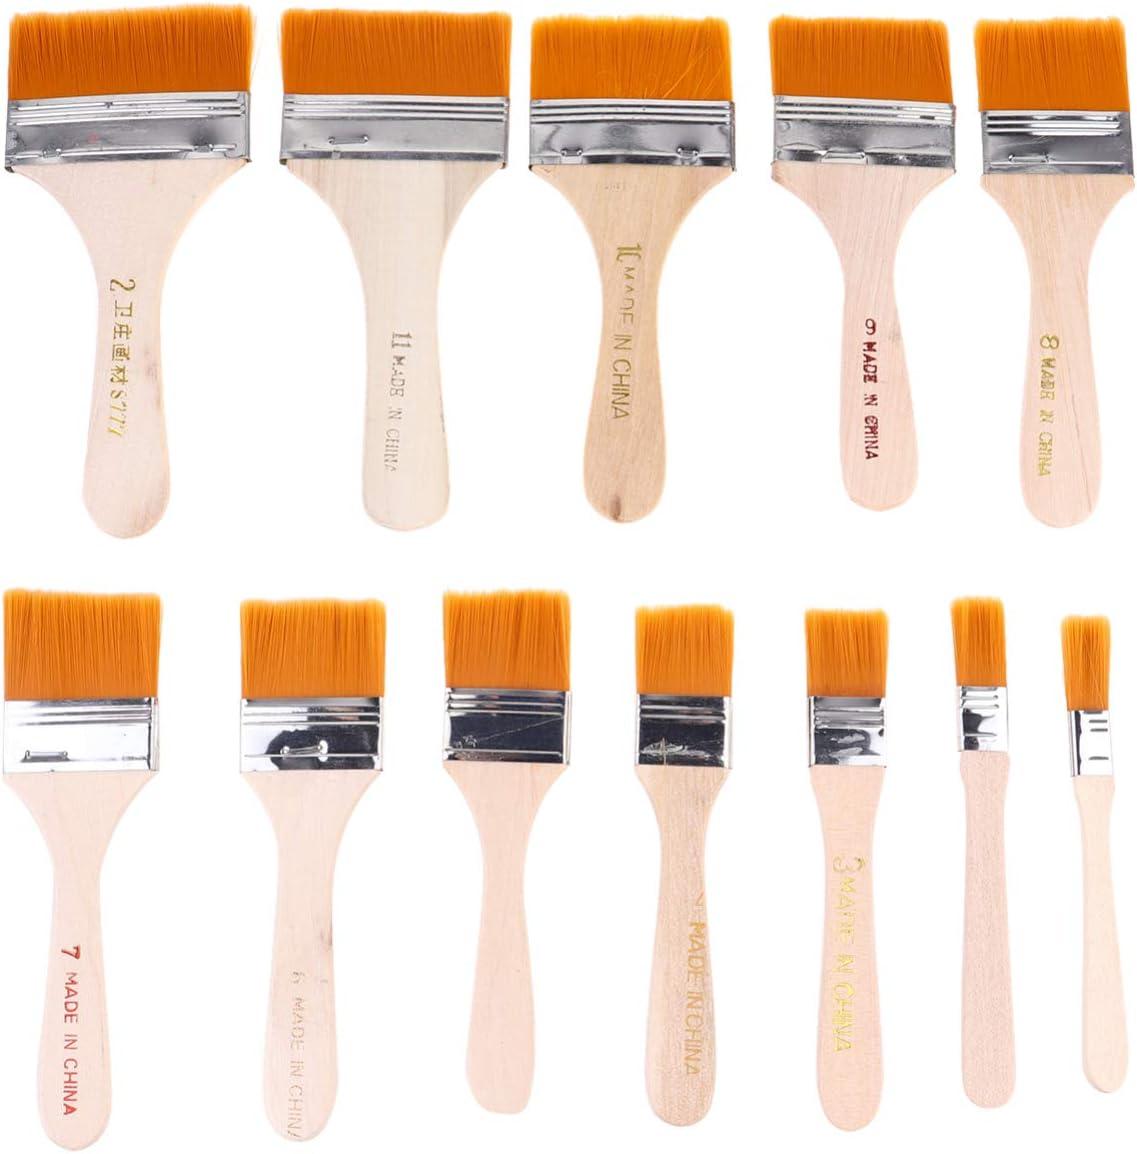 TOYANDONA 12 Pcs Nylon Brosses De Peinture Tout Usage Pinceau Pinceau Value Pack Barbecue Brosses Pinceaux Pinceaux pour Retouches De Peinture Peintres BBQ